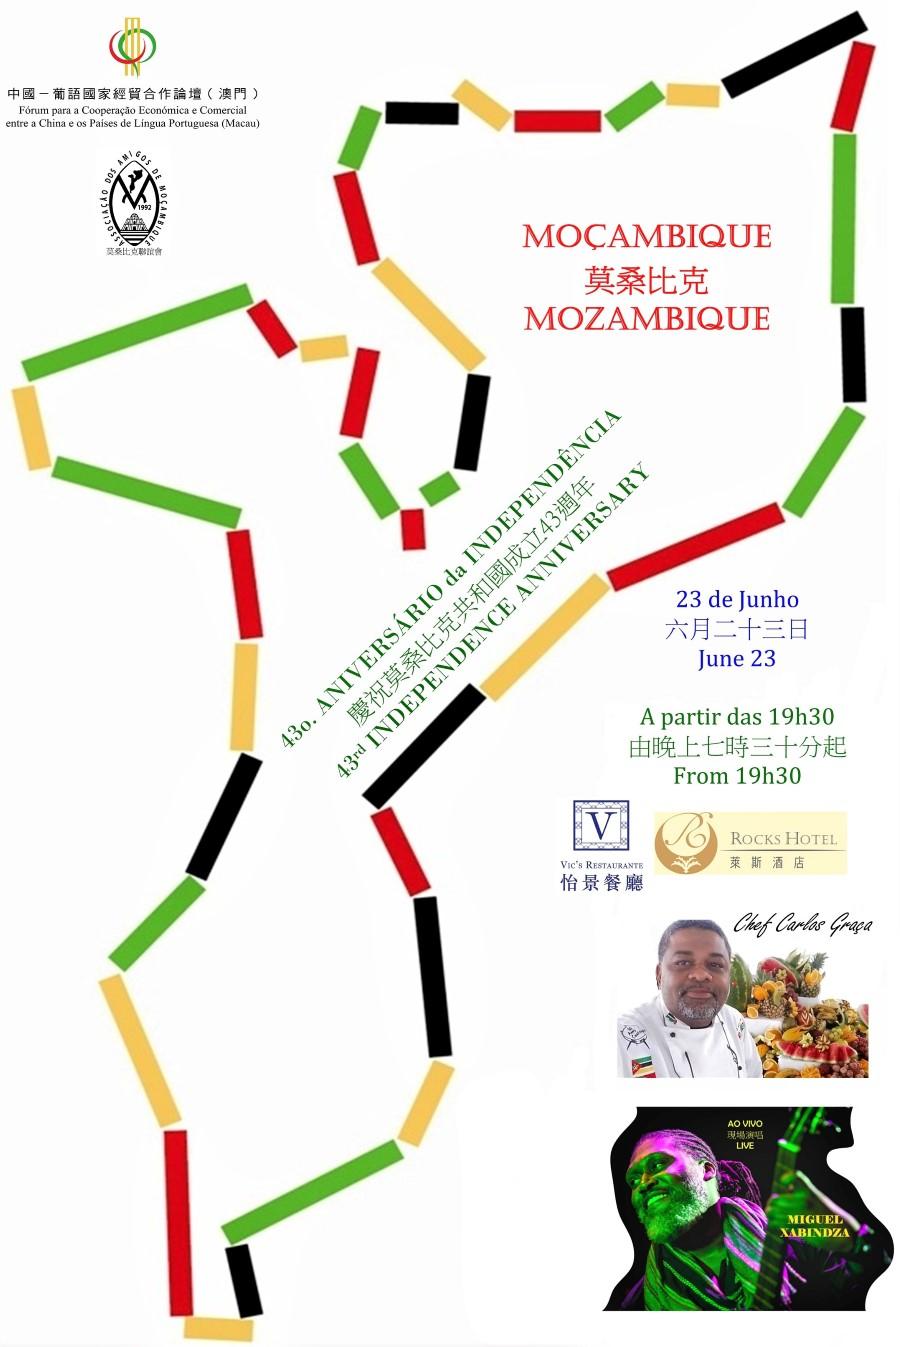 Associação dos Amigos de Moçambique em Macau, celebrao 43º aniversário da Independência da Republica de Moçambique